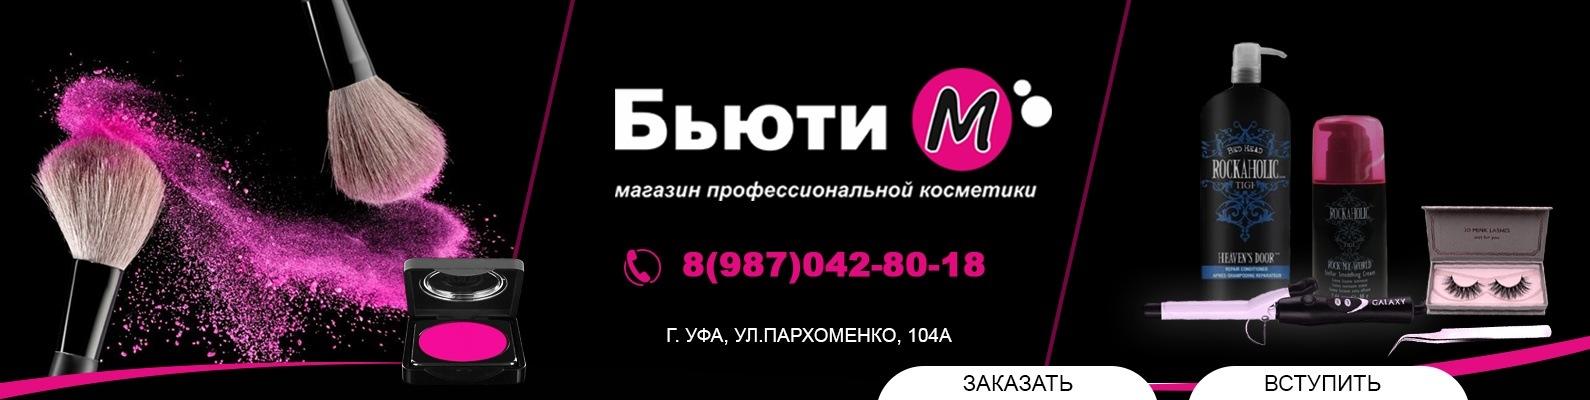 магазин профессиональной косметики уфа